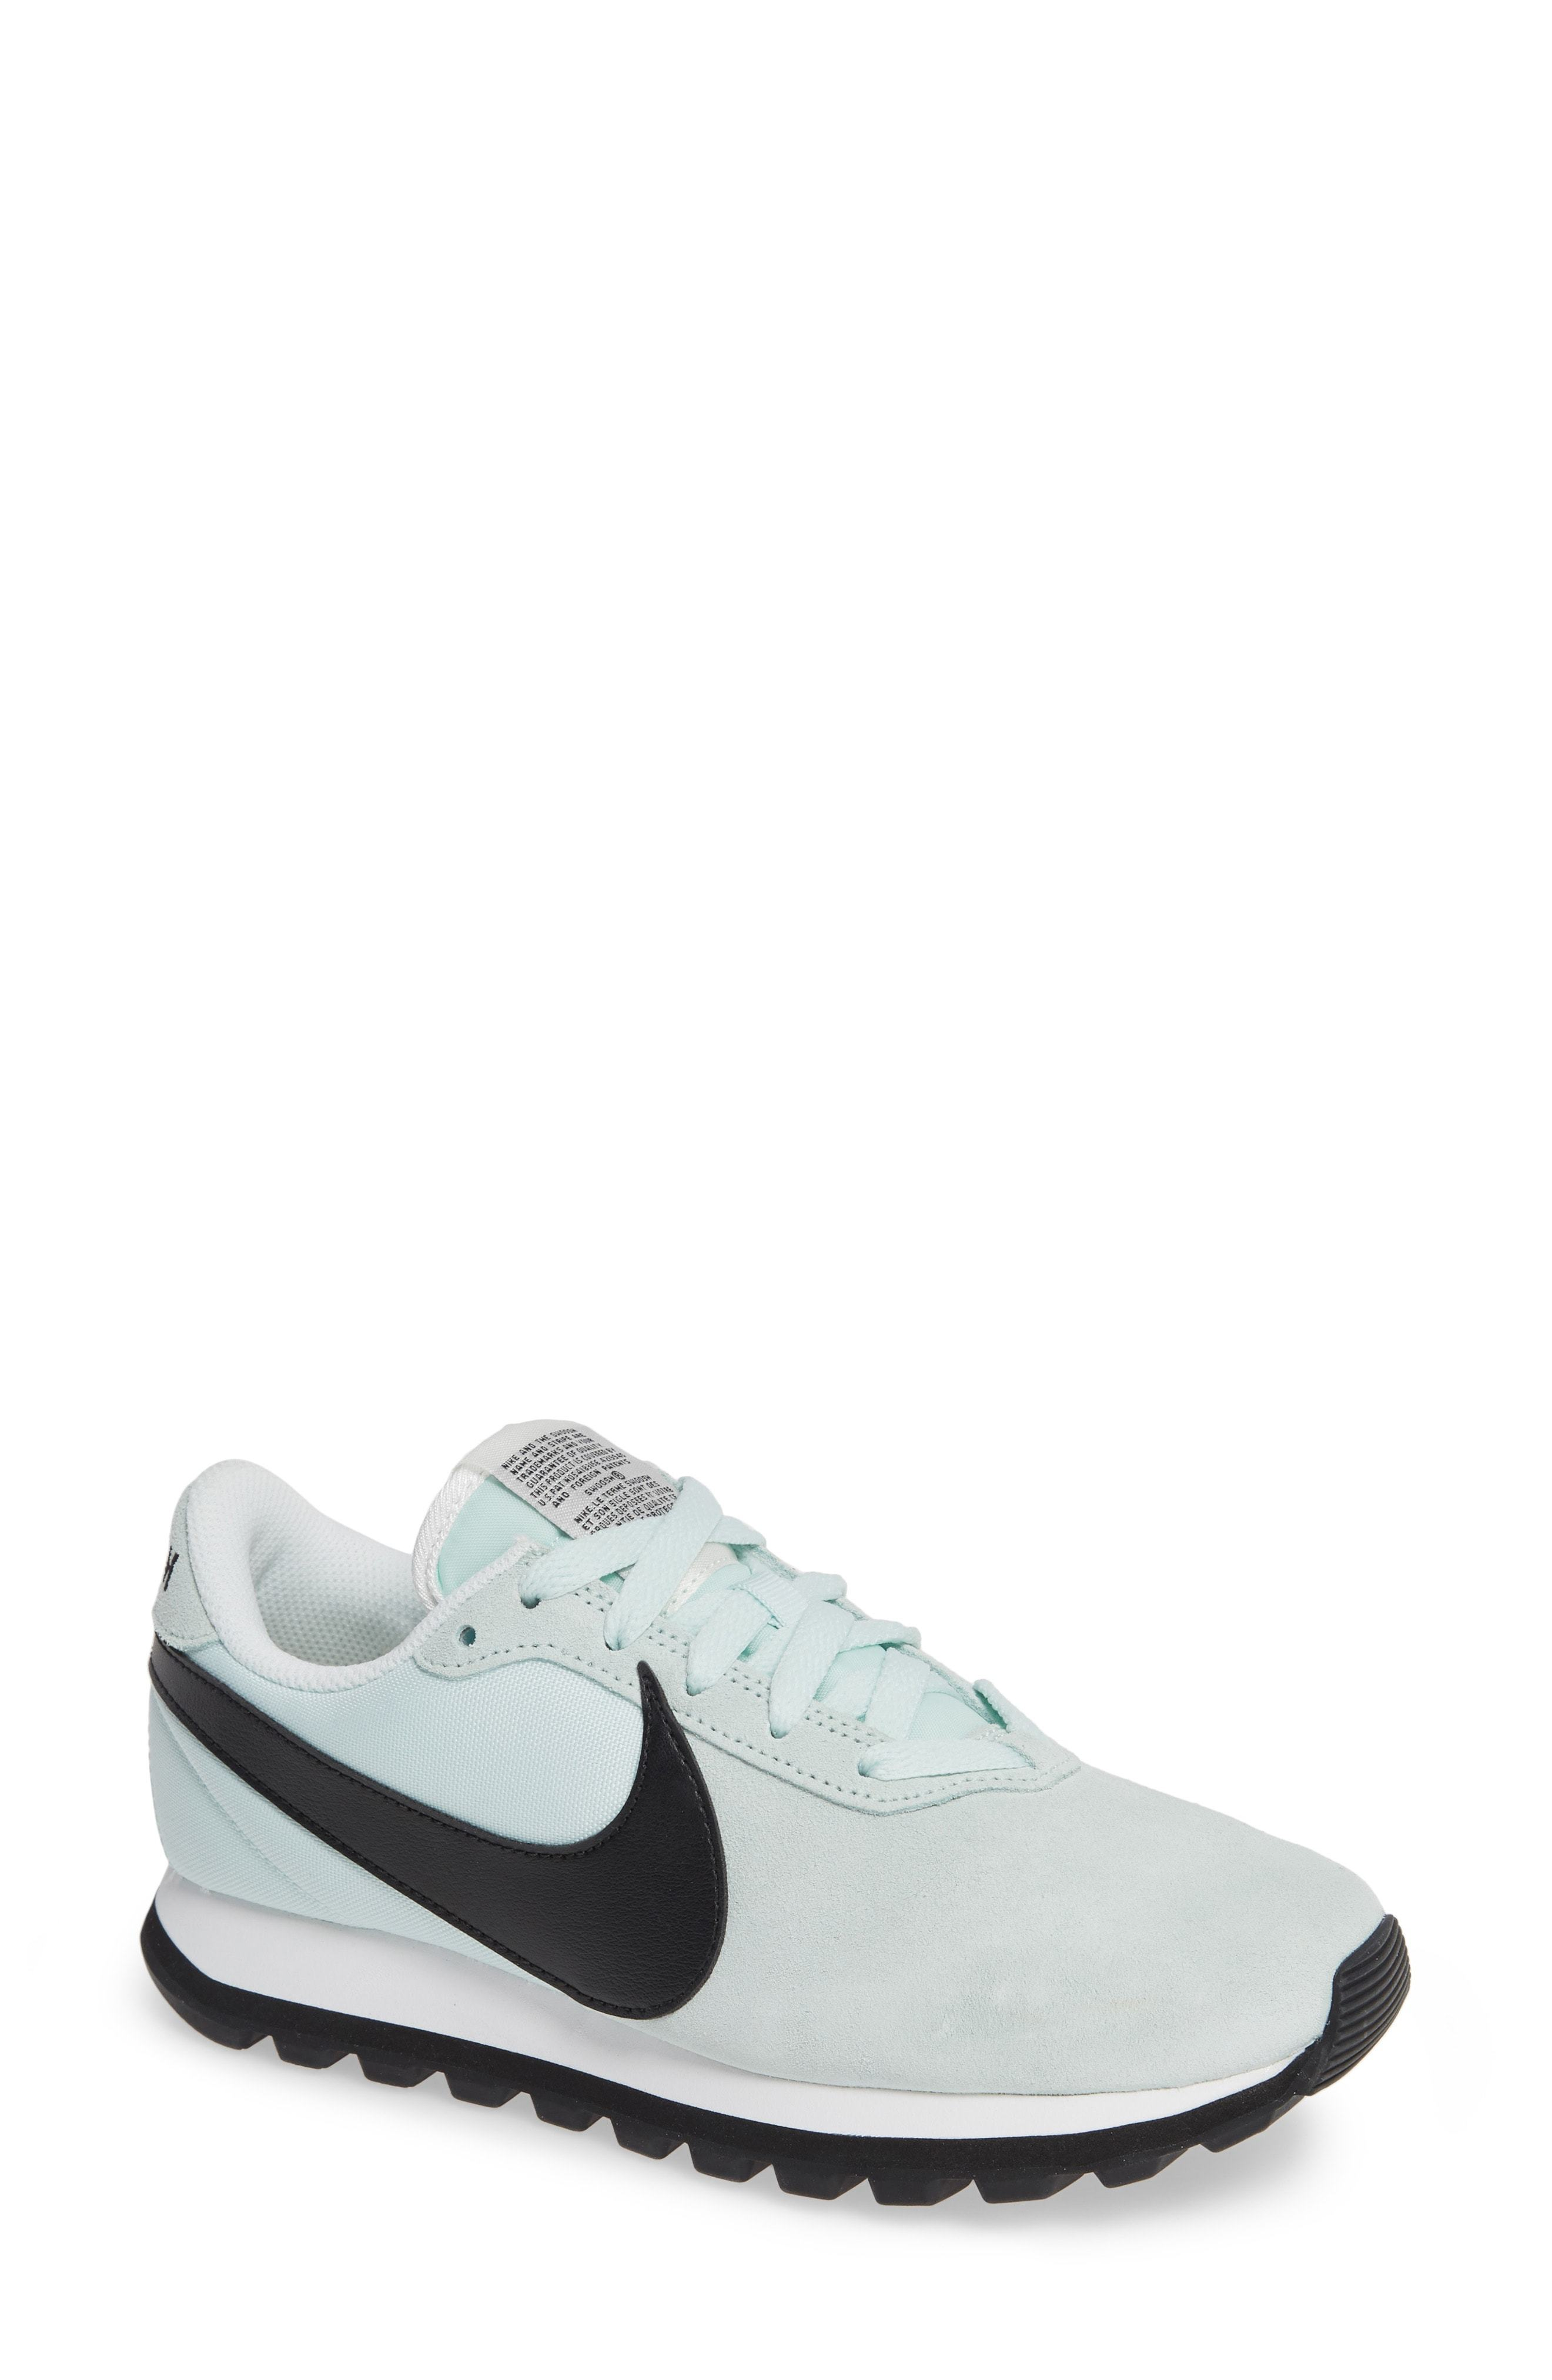 Nike Pre Love Ox Sneaker, $80